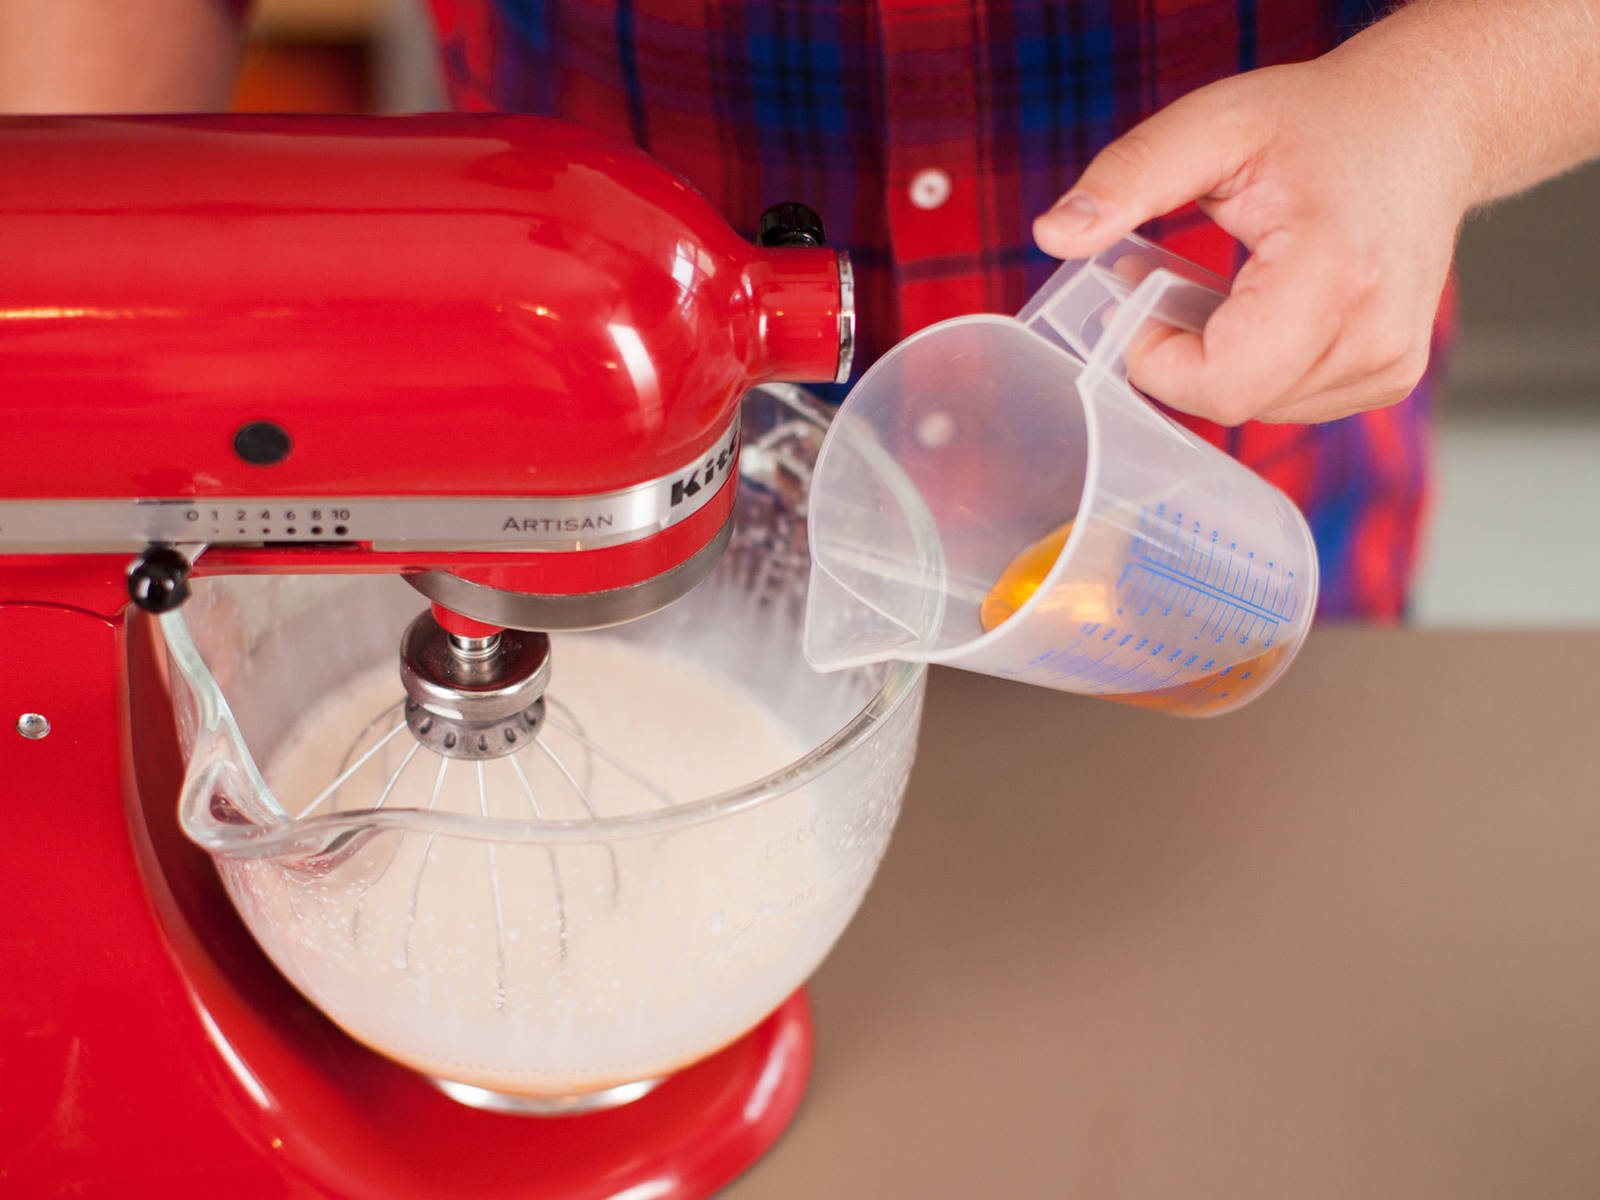 将蛋黄加入立式搅拌器搅打,直至其呈浅黄色。再加入剩余的糖、牛奶、奶油、波旁威士忌和肉豆蔻,搅打均匀。